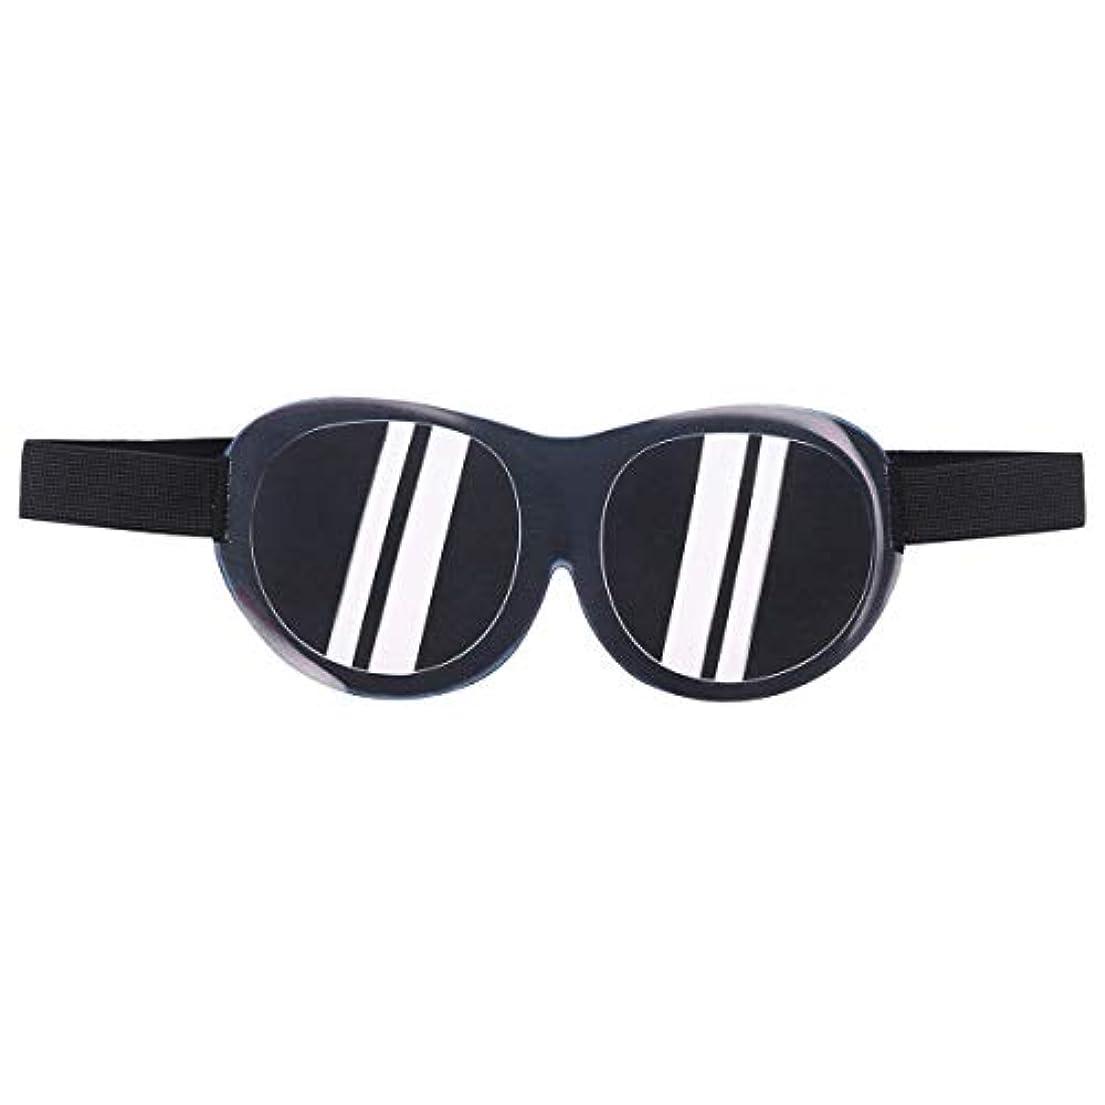 知覚的日没判定Healifty 睡眠目隠し3D面白いアイシェード通気性睡眠マスク旅行睡眠ヘルパーアイシェード用男性と女性